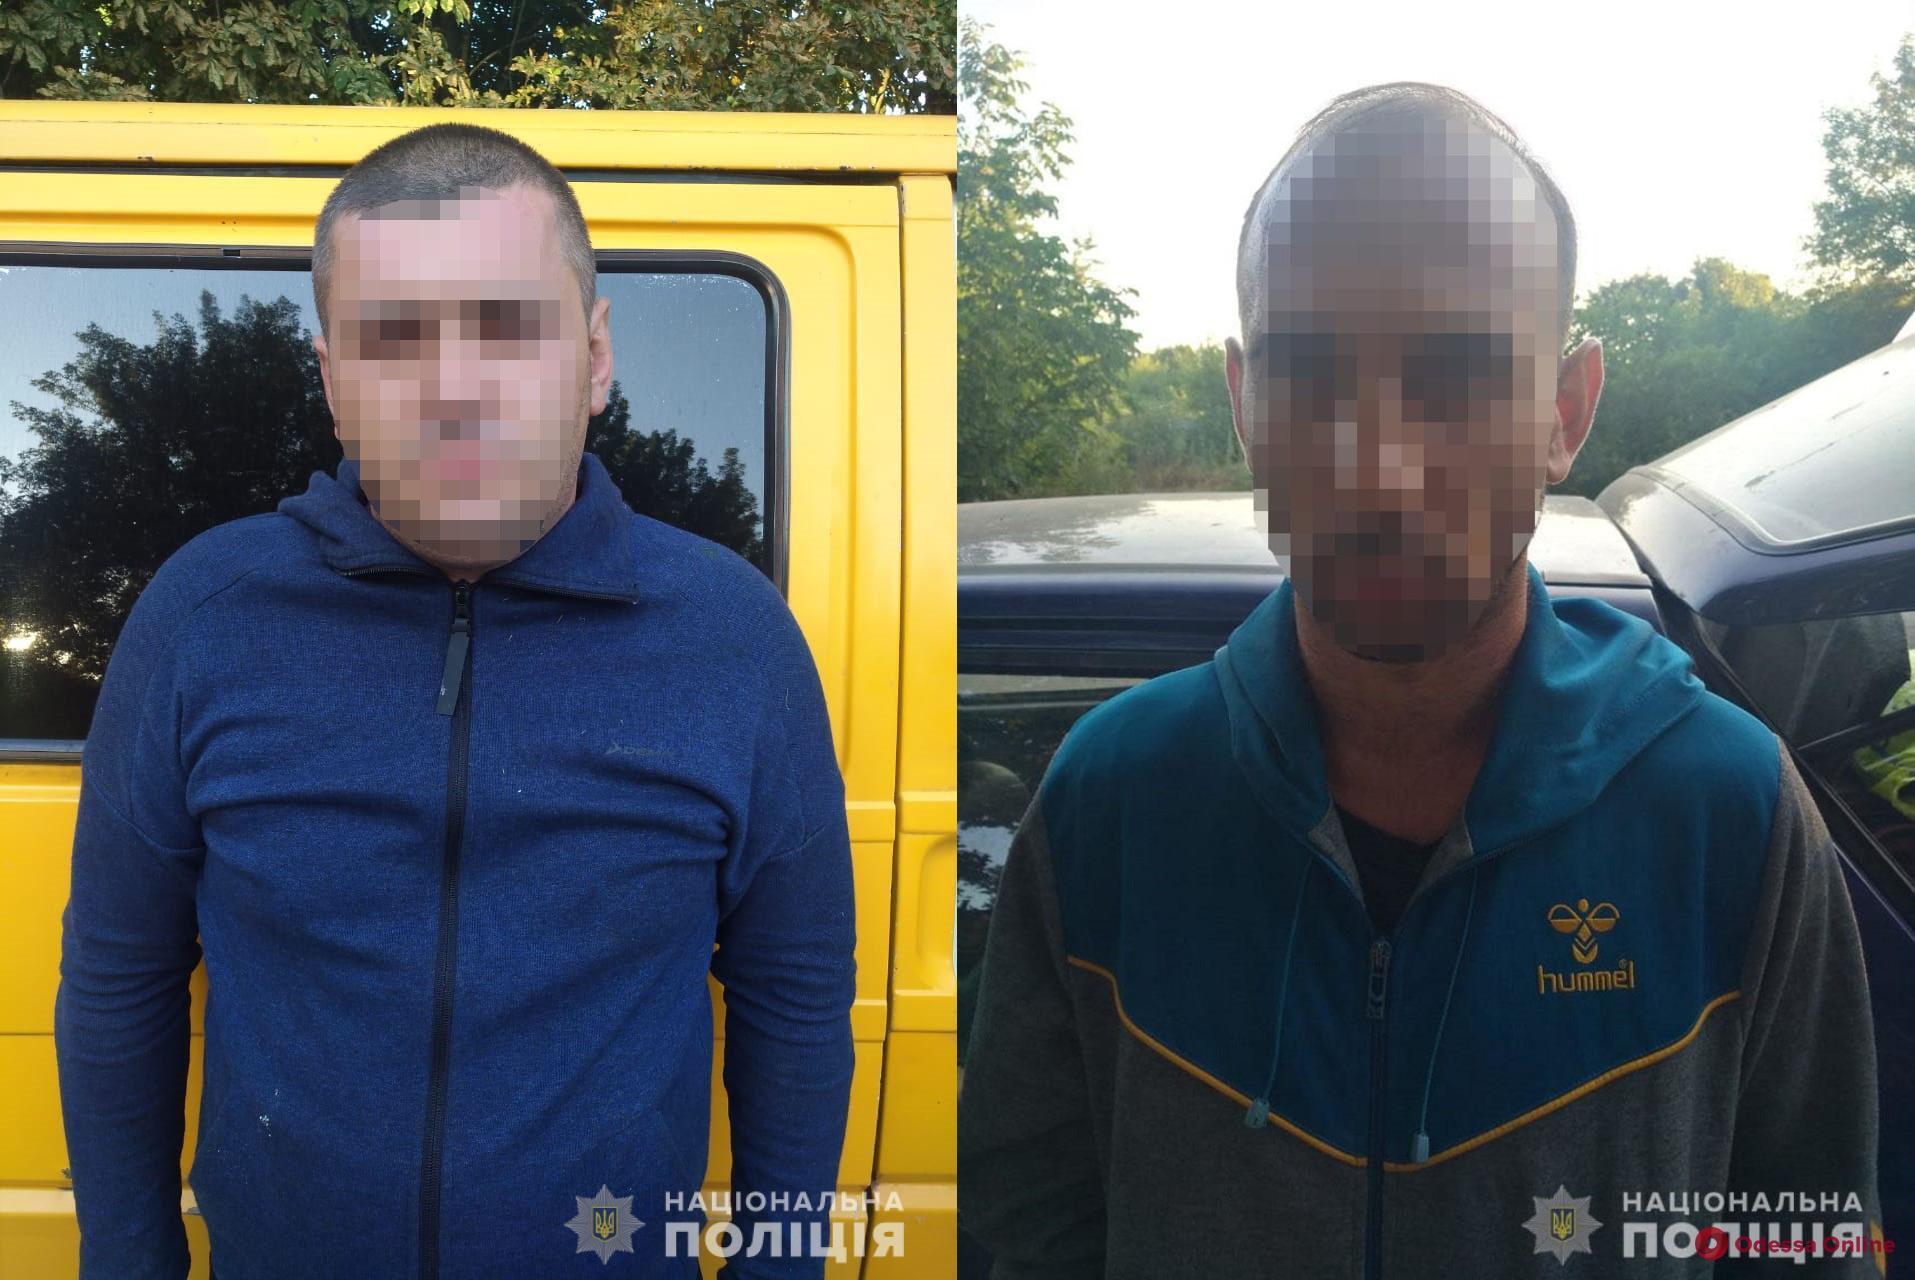 Криминальный дуэт из Одесской области «чистил» автомобили в Виннице